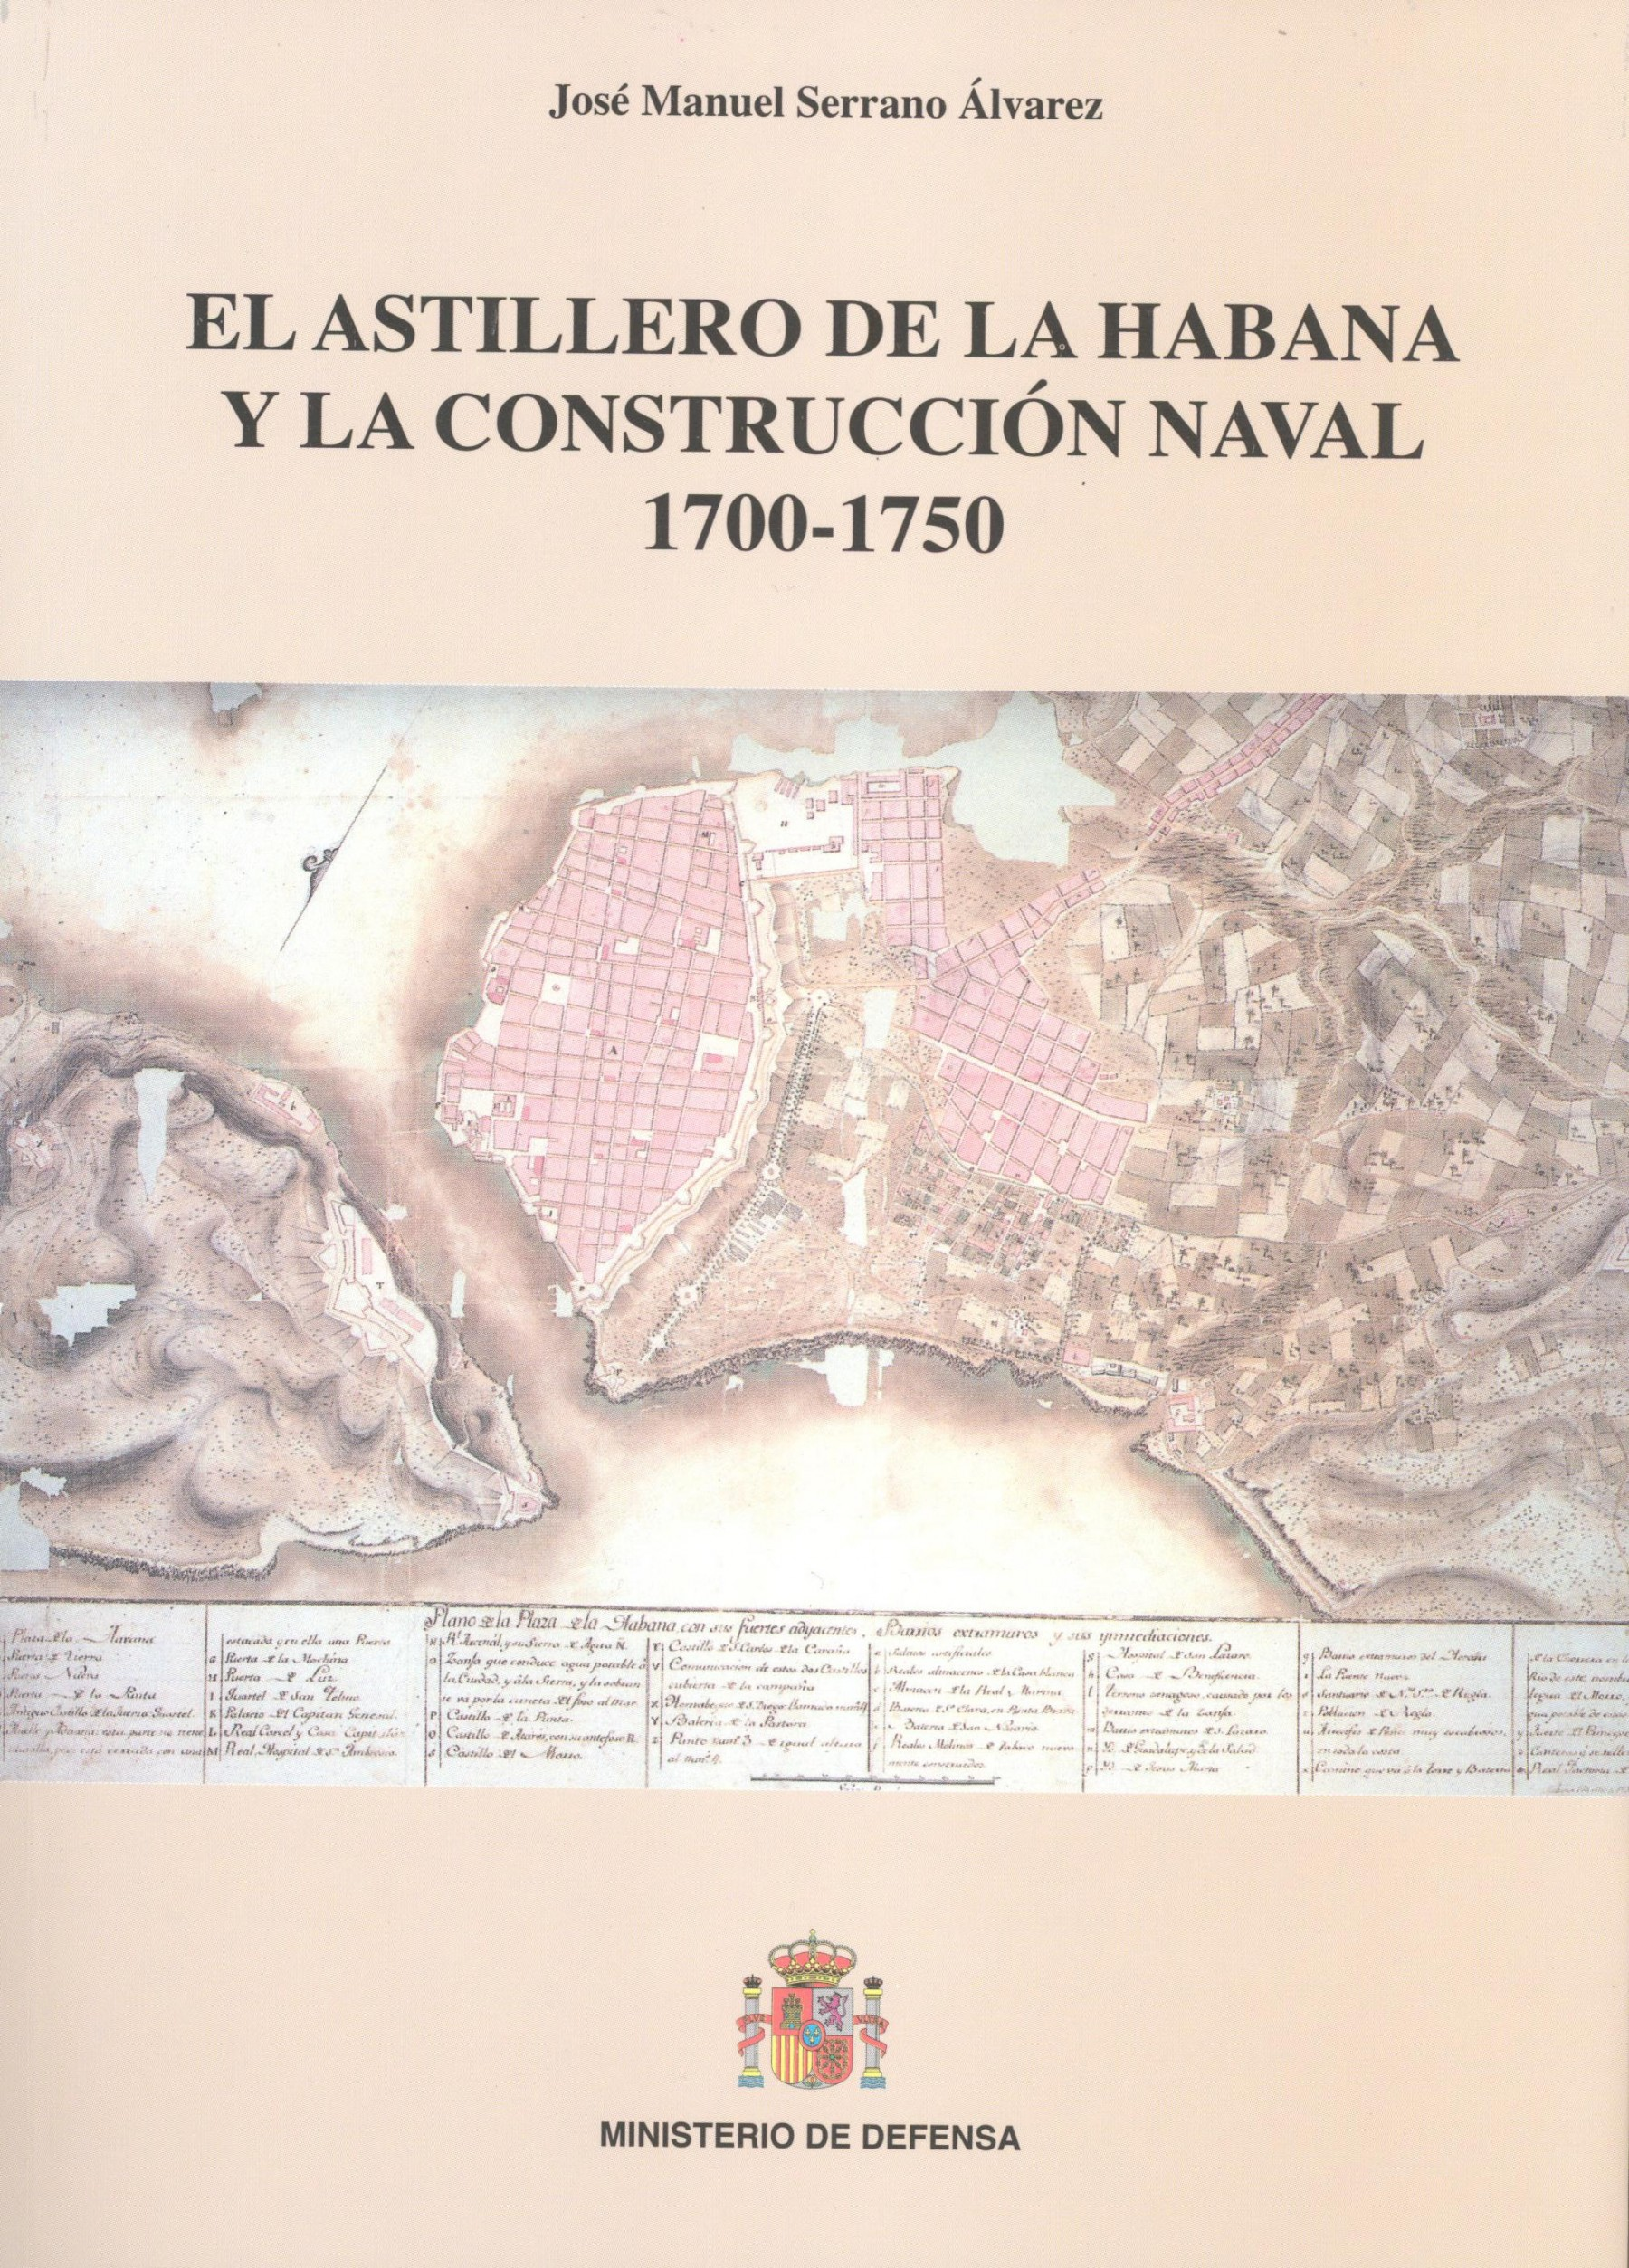 EL ASTILLERO DE LA HABANA Y LA CONSTRUCCIÓN NAVAL 1700-1750